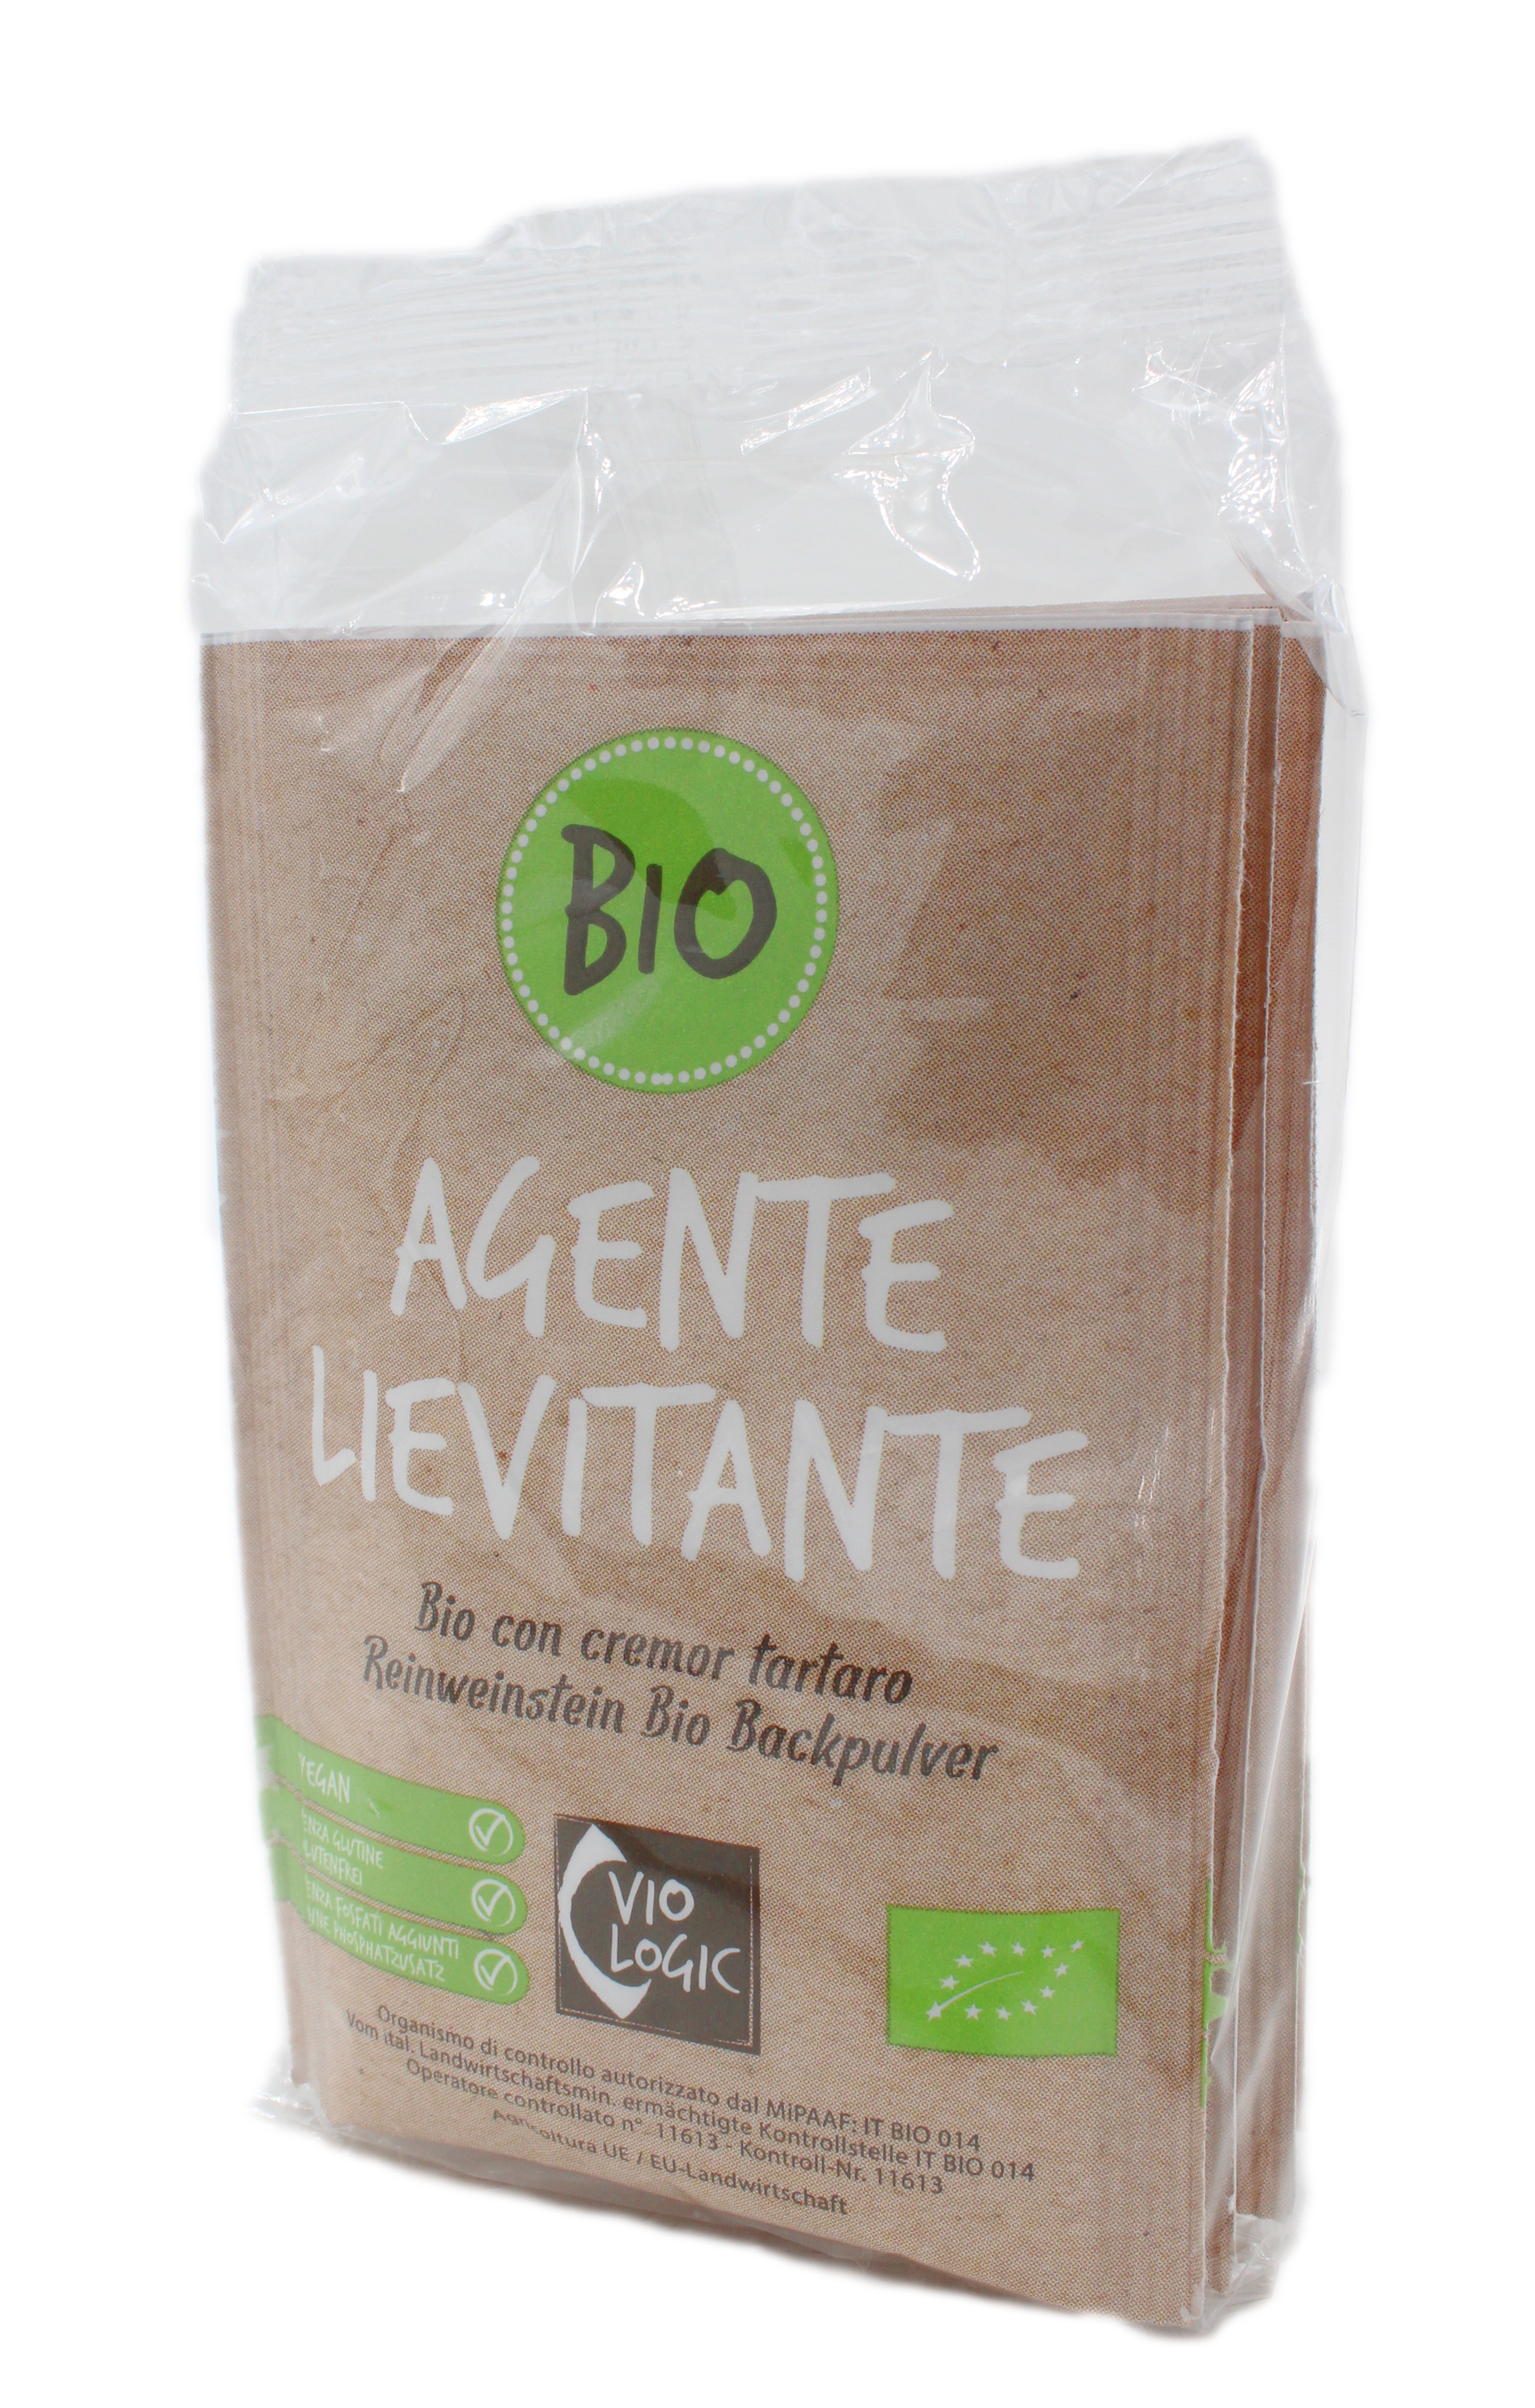 Reinweinstein Bio Backpulver  4x17g